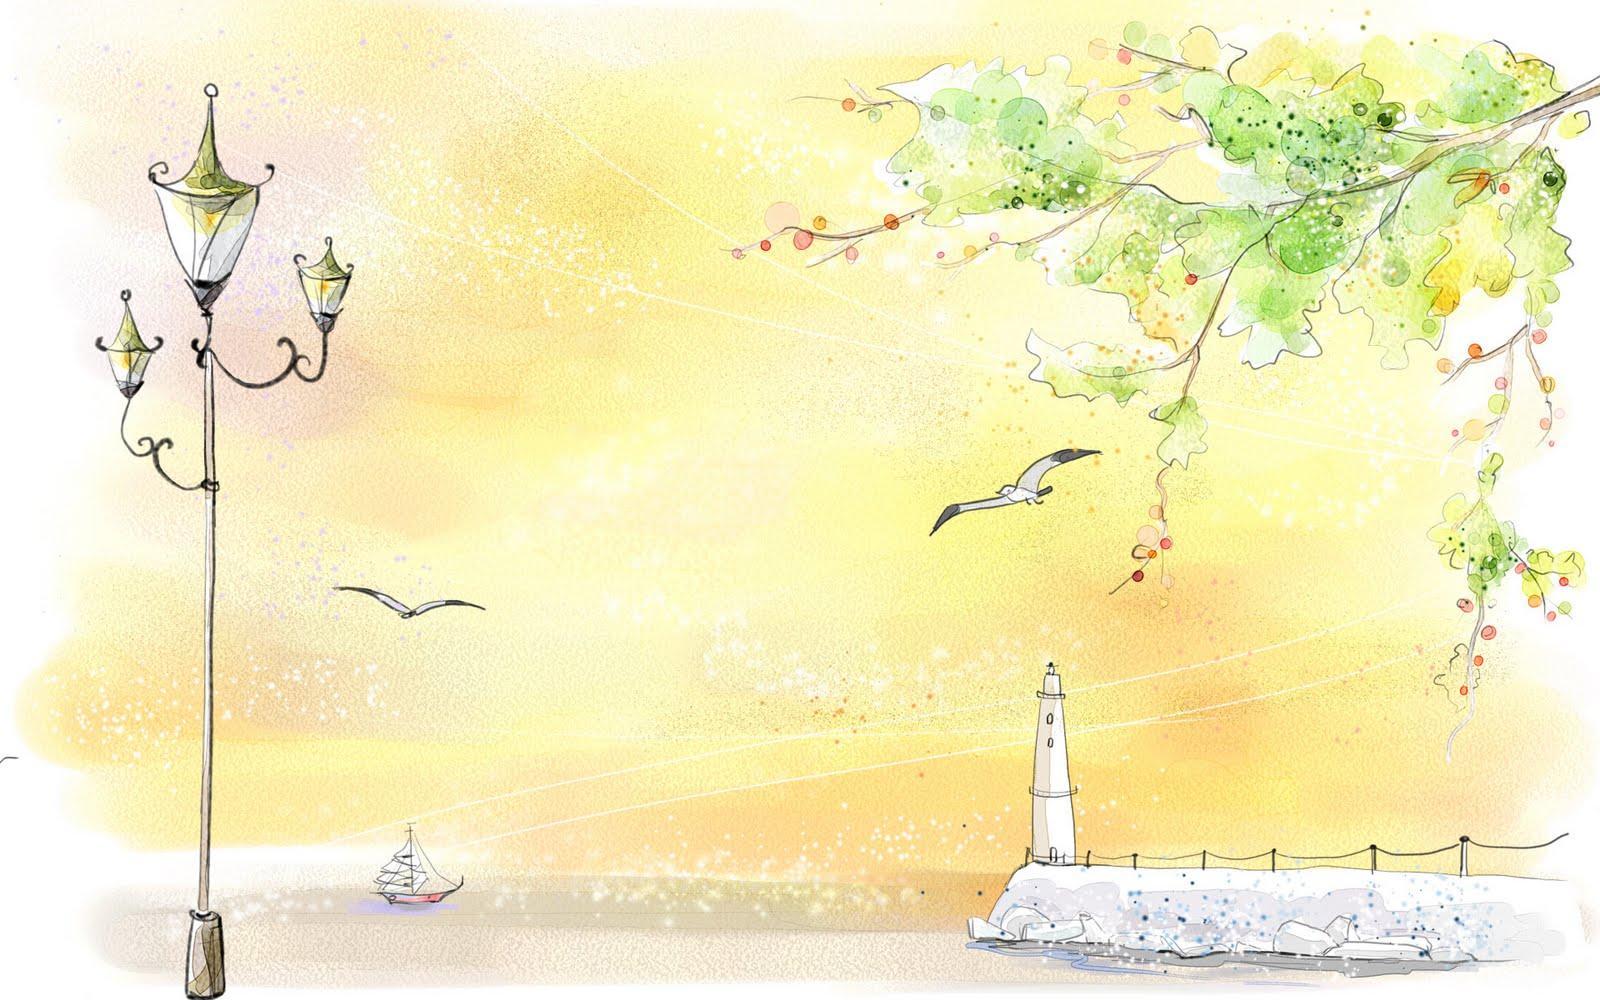 7100 Koleksi Wallpaper Romantic Korea Gratis